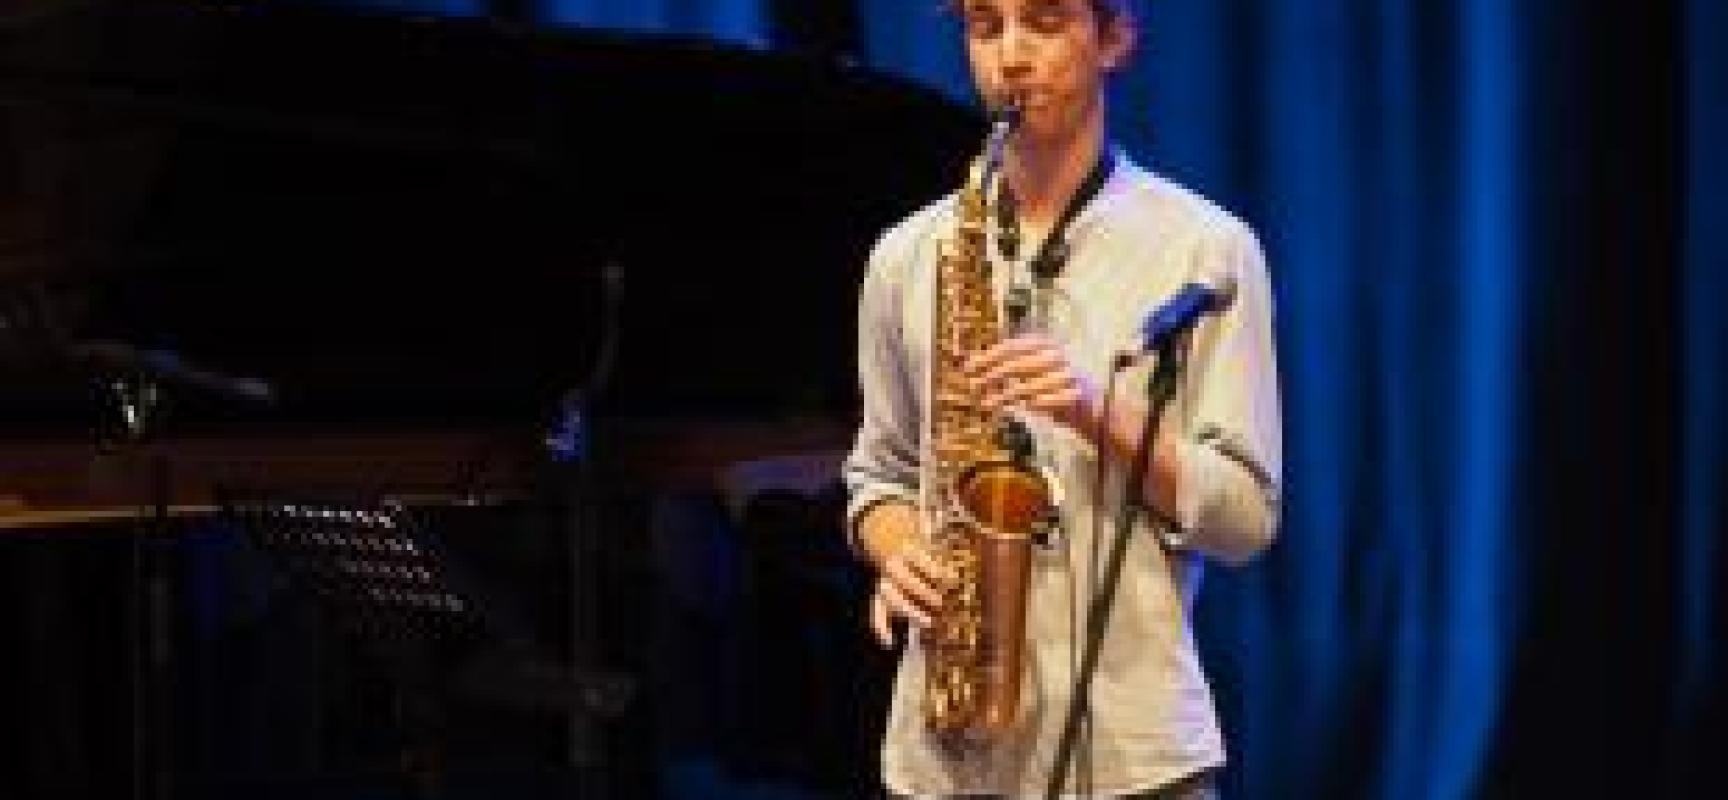 Stagione artistica di Artè: giovedì 12 ottobre 'Jazz non solo' con Lorenzo Simoni Quartet